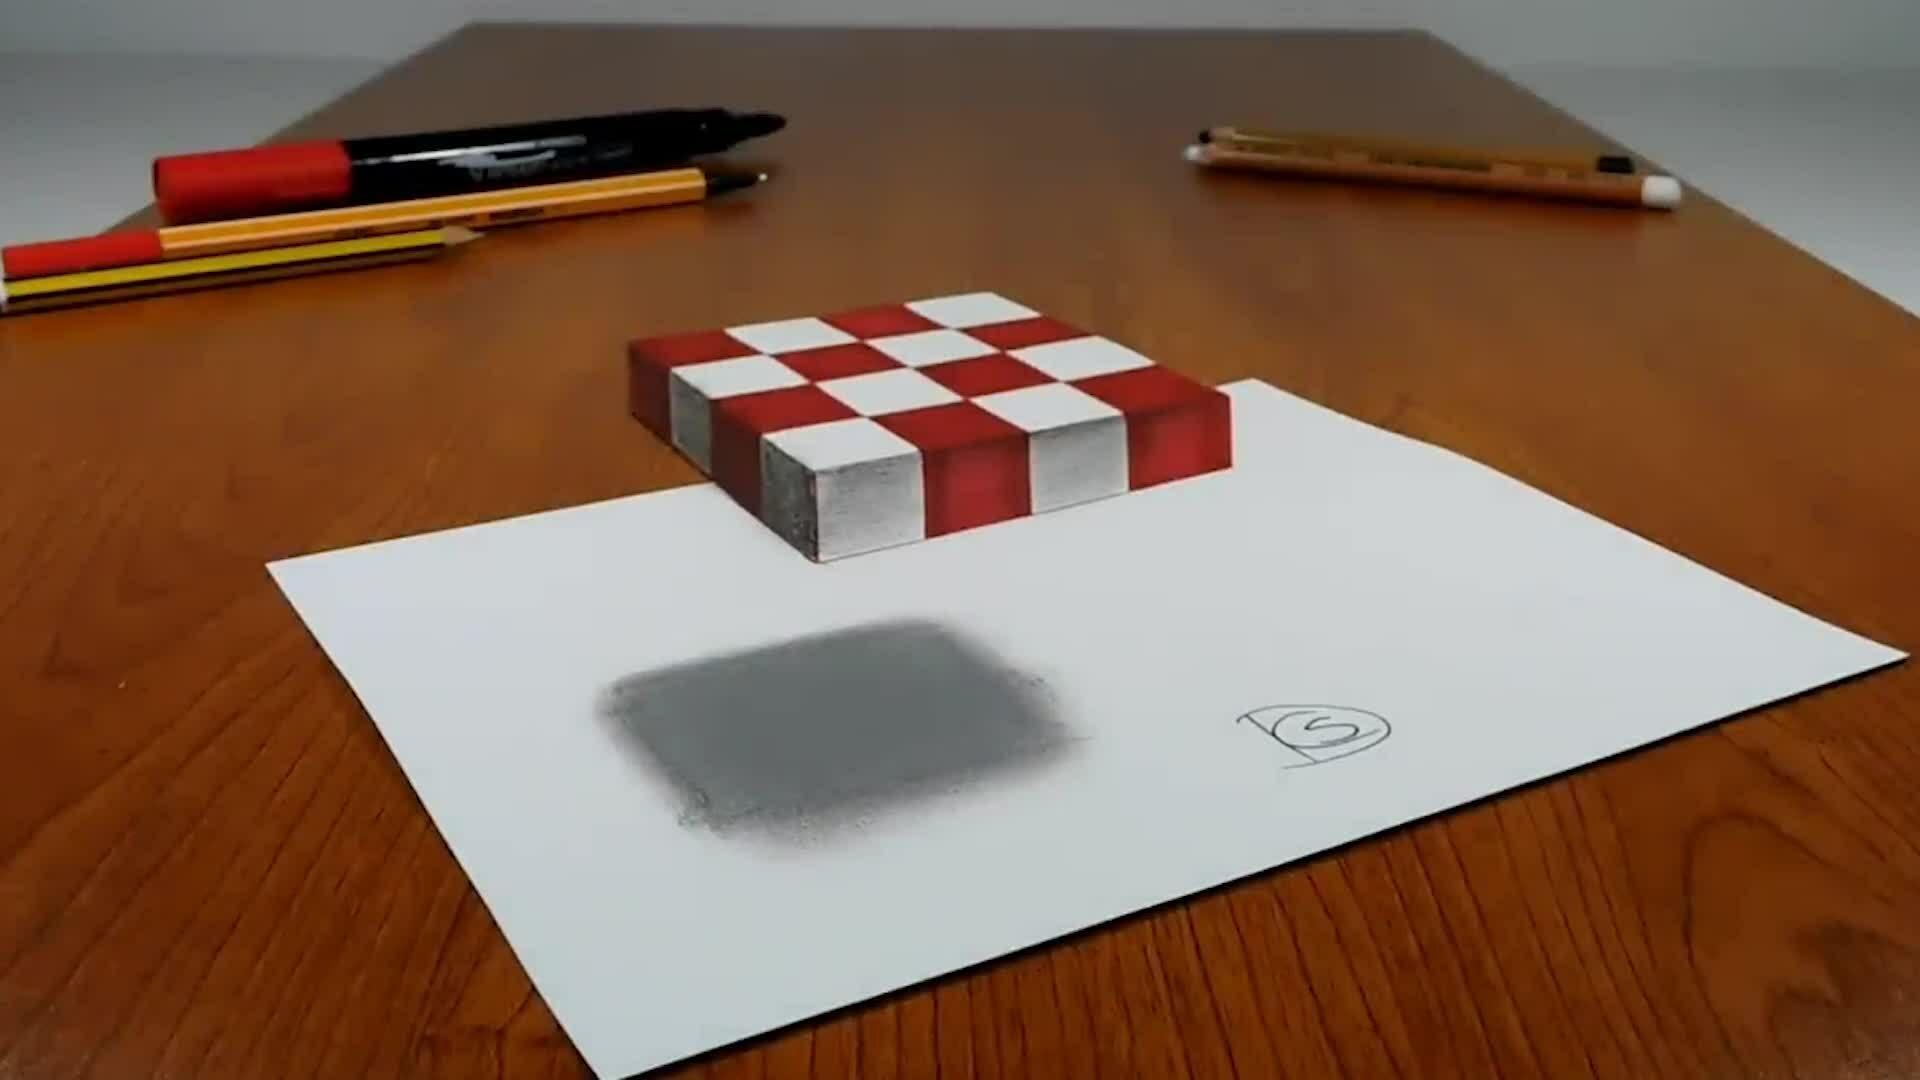 Vẽ bàn cờ lơ lửng trên giấy